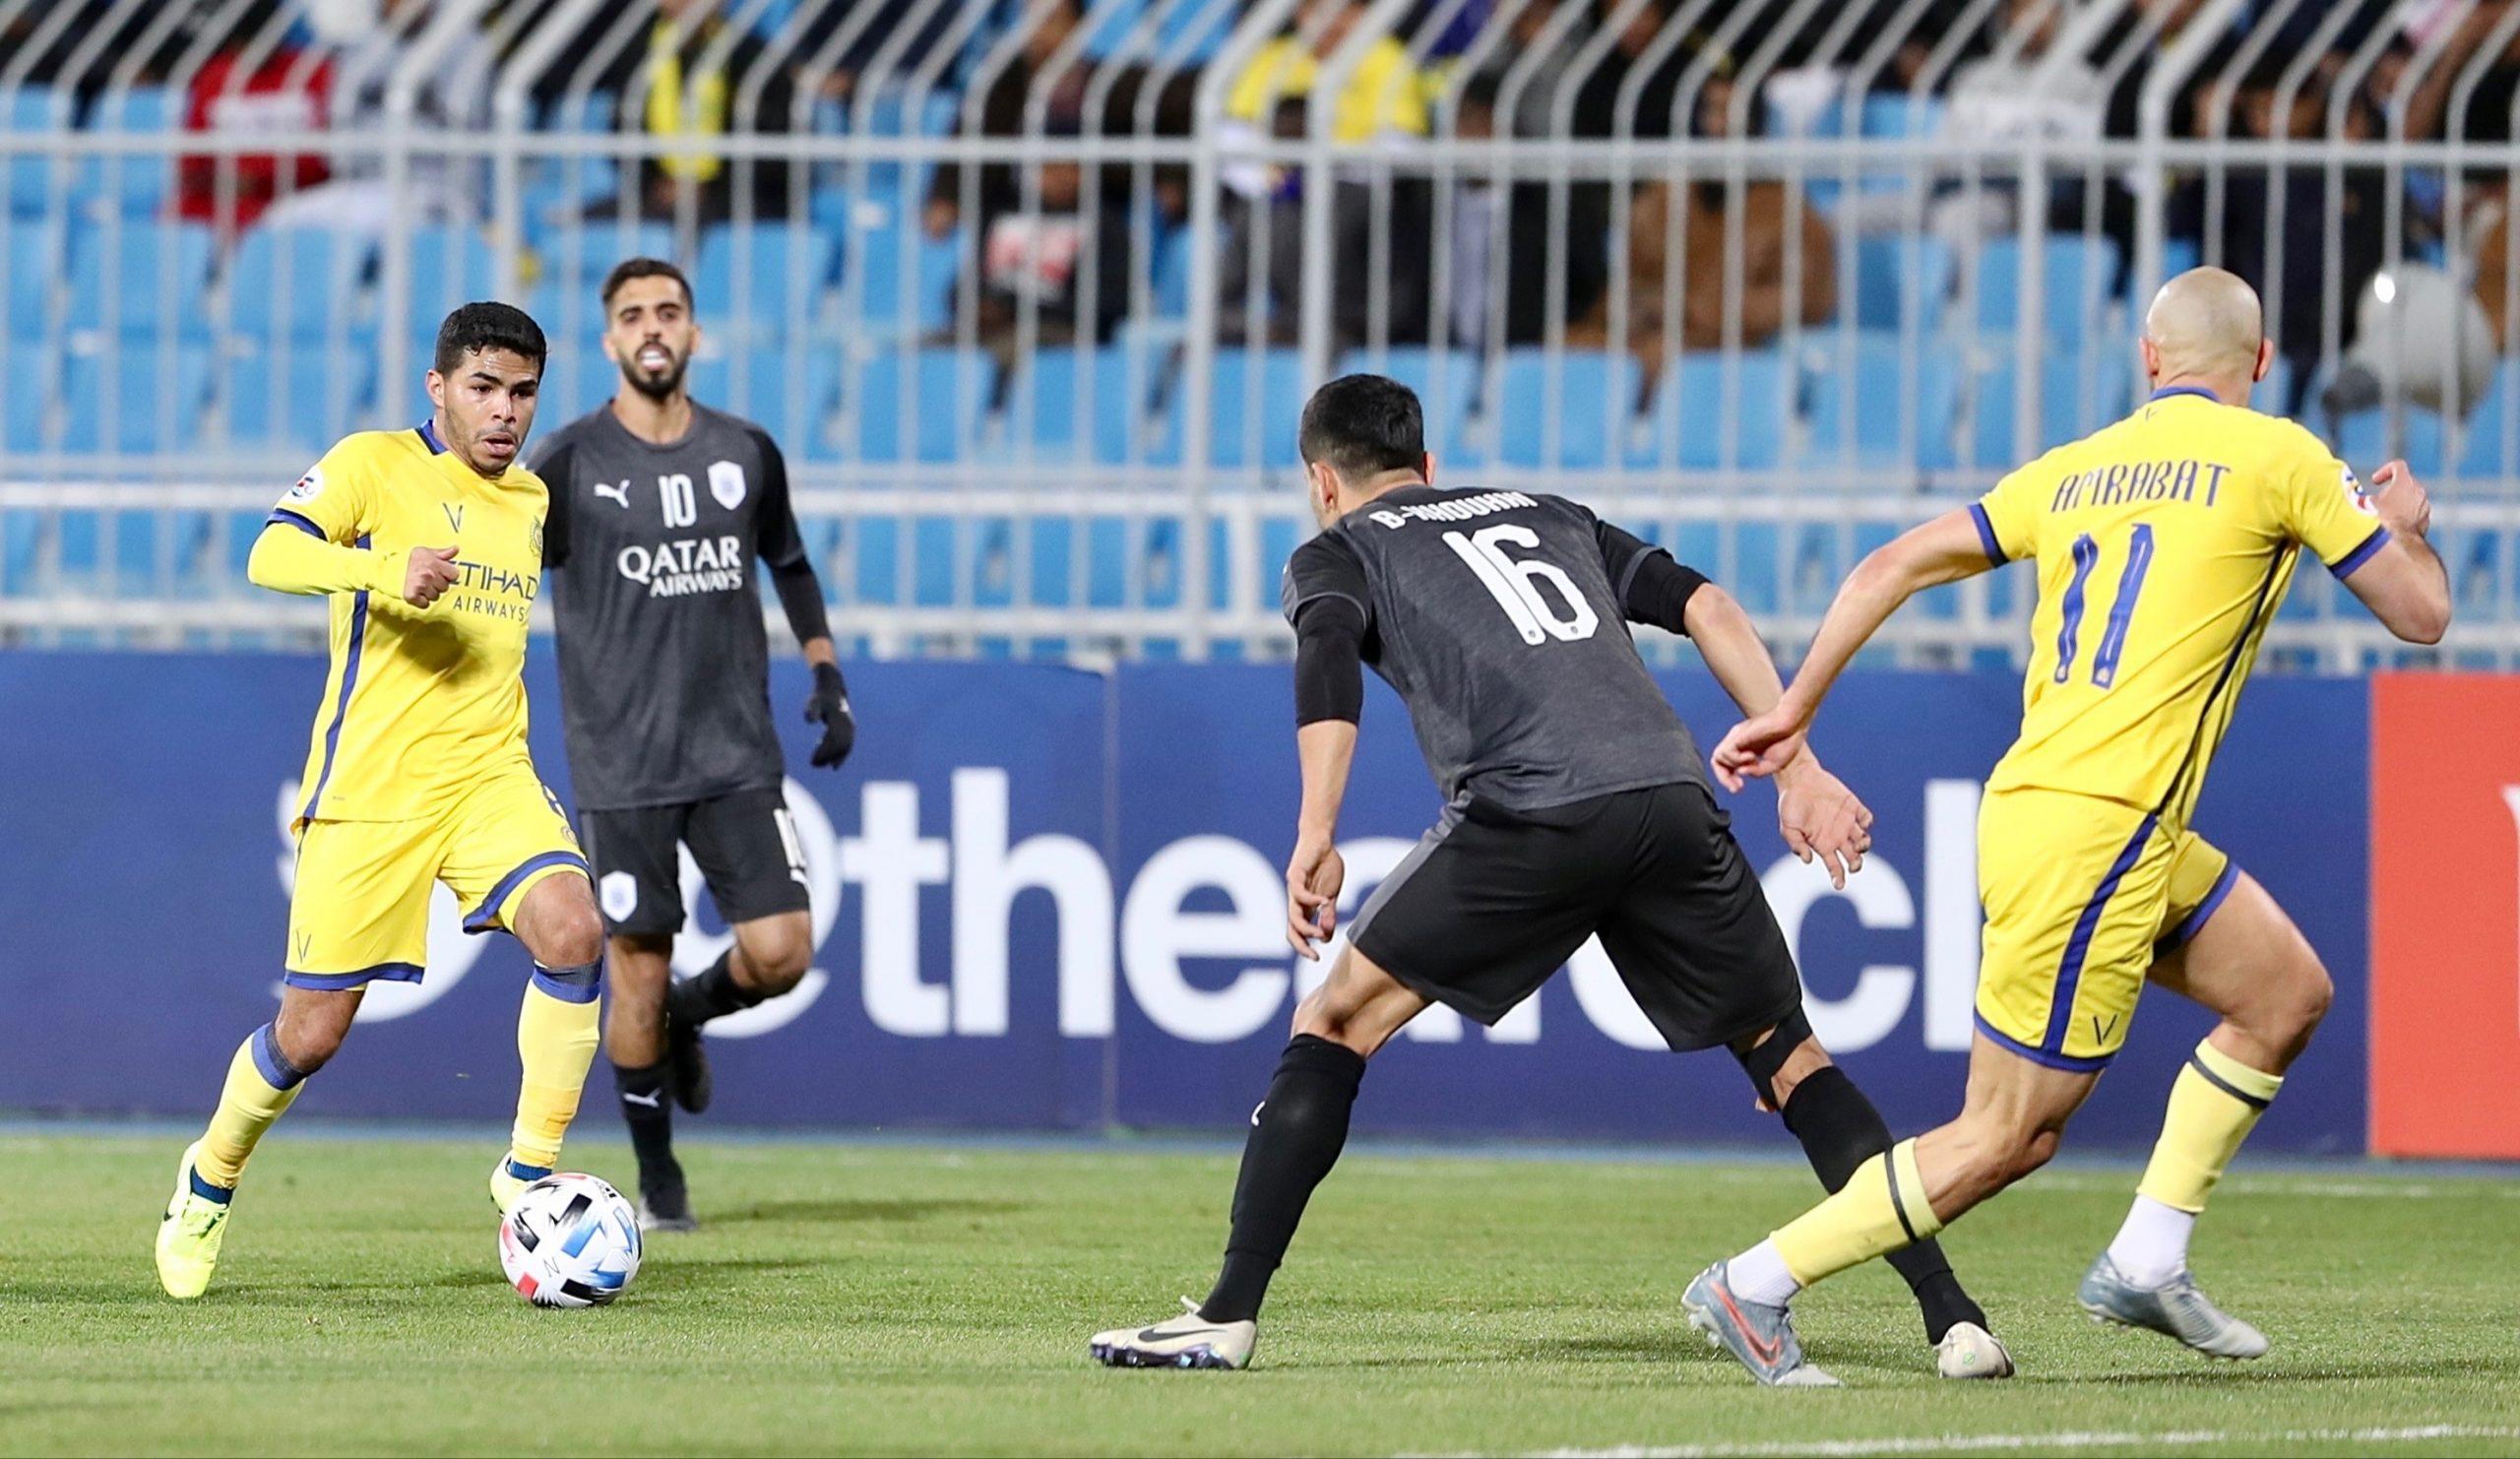 التعادل يحسم موقعة النصر في دوري أبطال آسيا